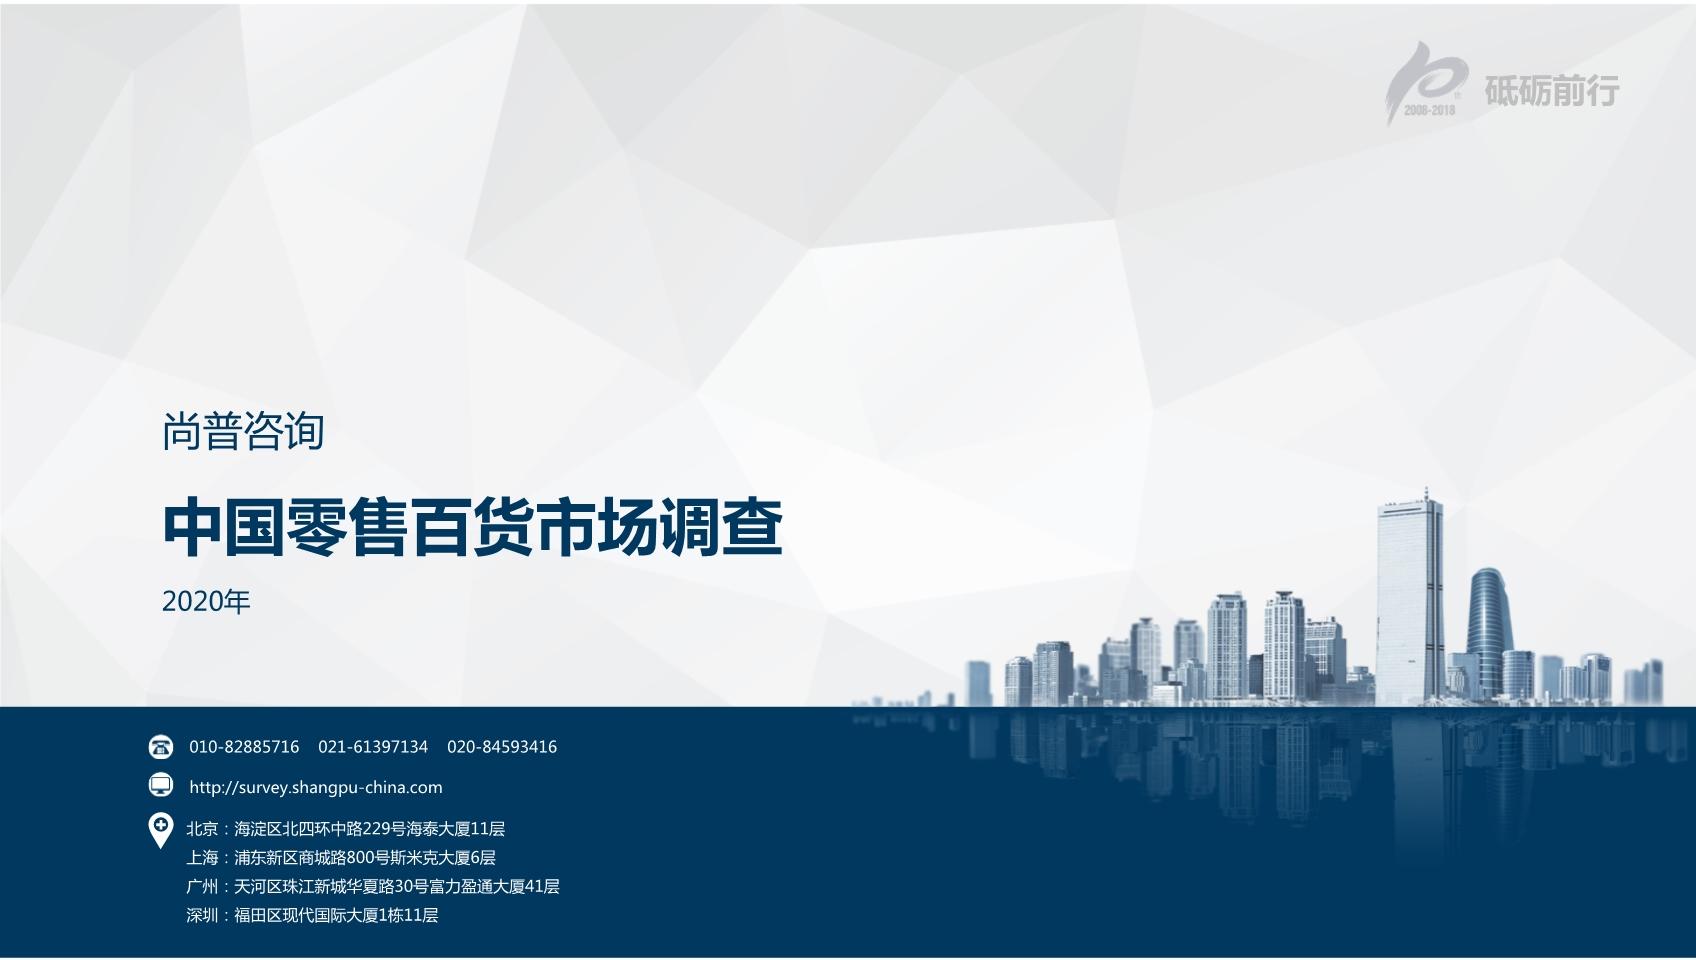 尚普咨询:2020年中国零售百货市场调查